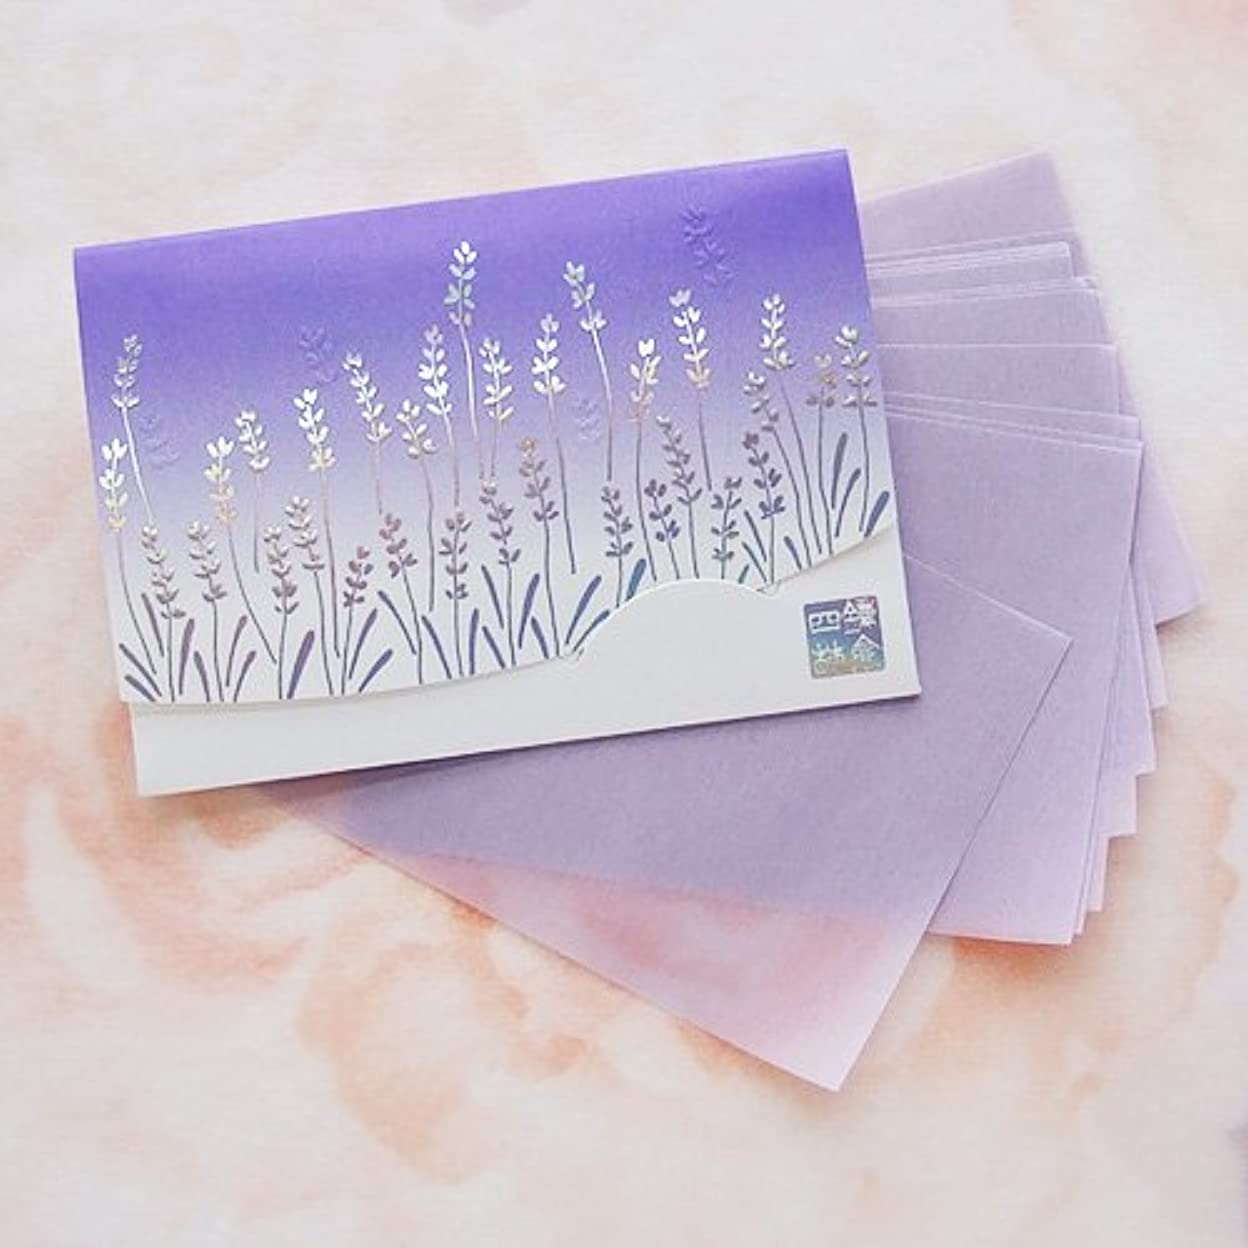 フィルタ不良品起訴する鎌倉四葩のあぶらとり紙 きらめき香りラベンダー 短冊サイズ 20枚入